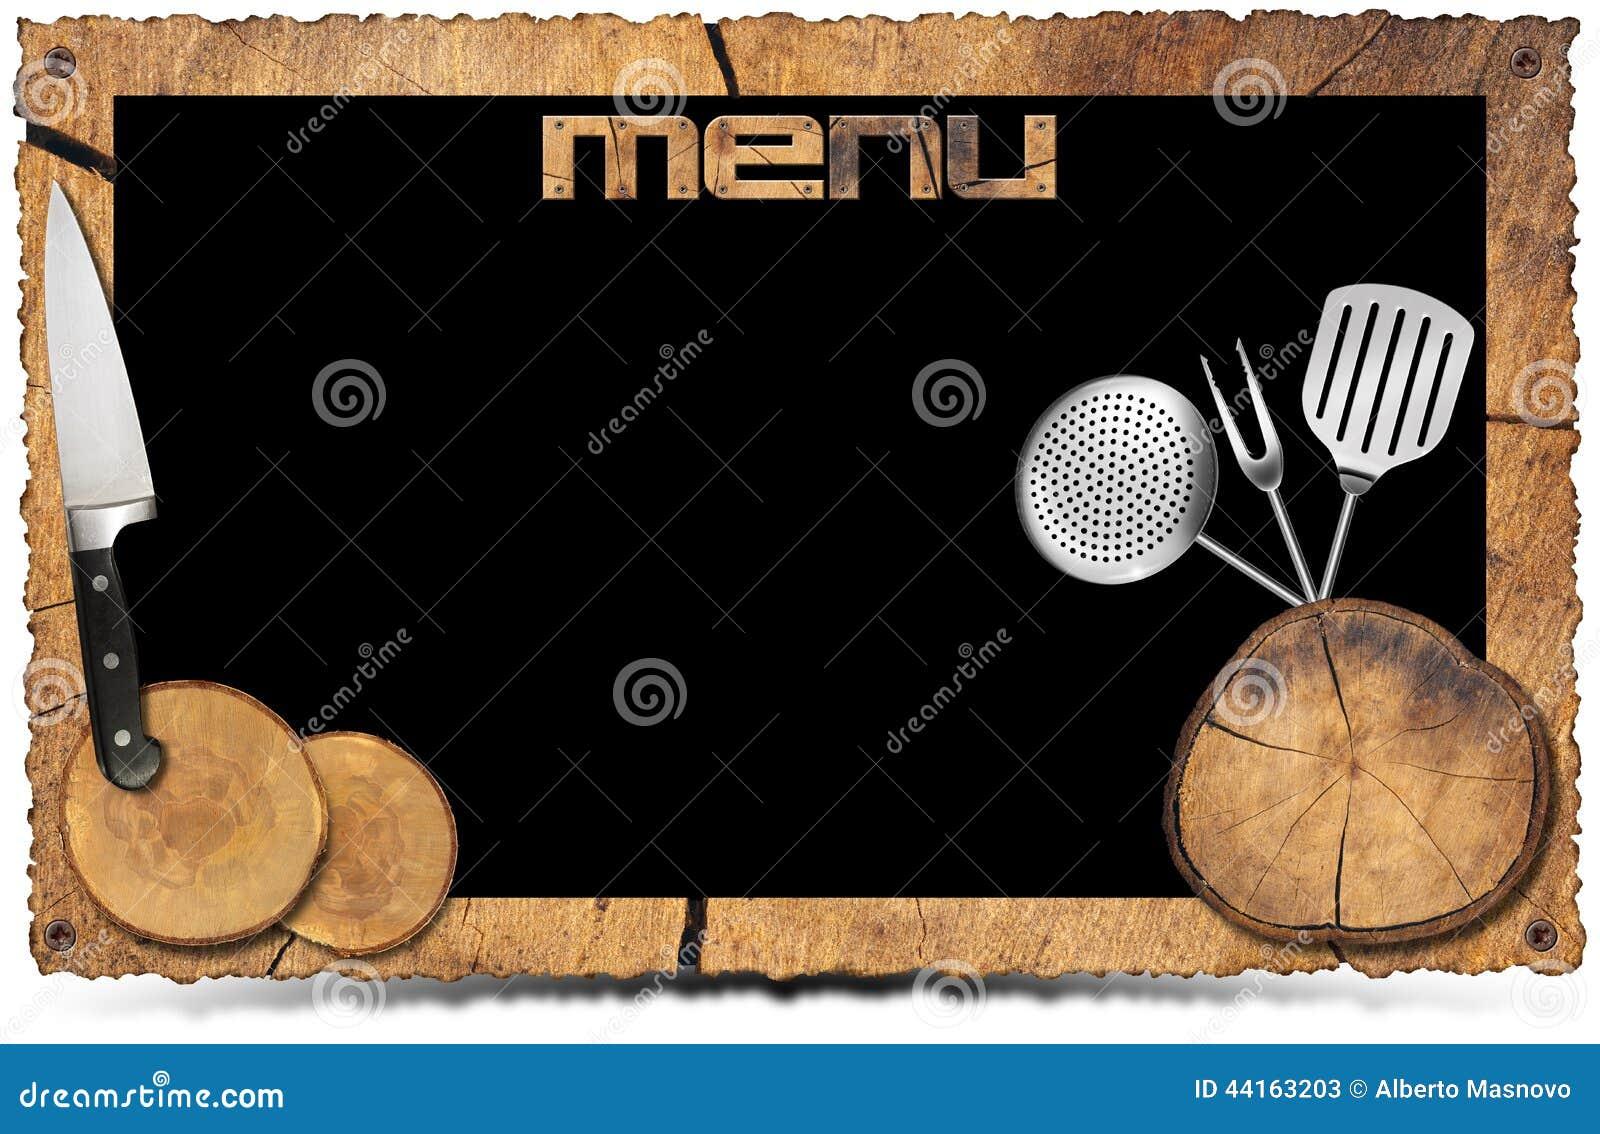 Fondo Rústico Del Menú - Marco De La Foto Stock de ilustración ...